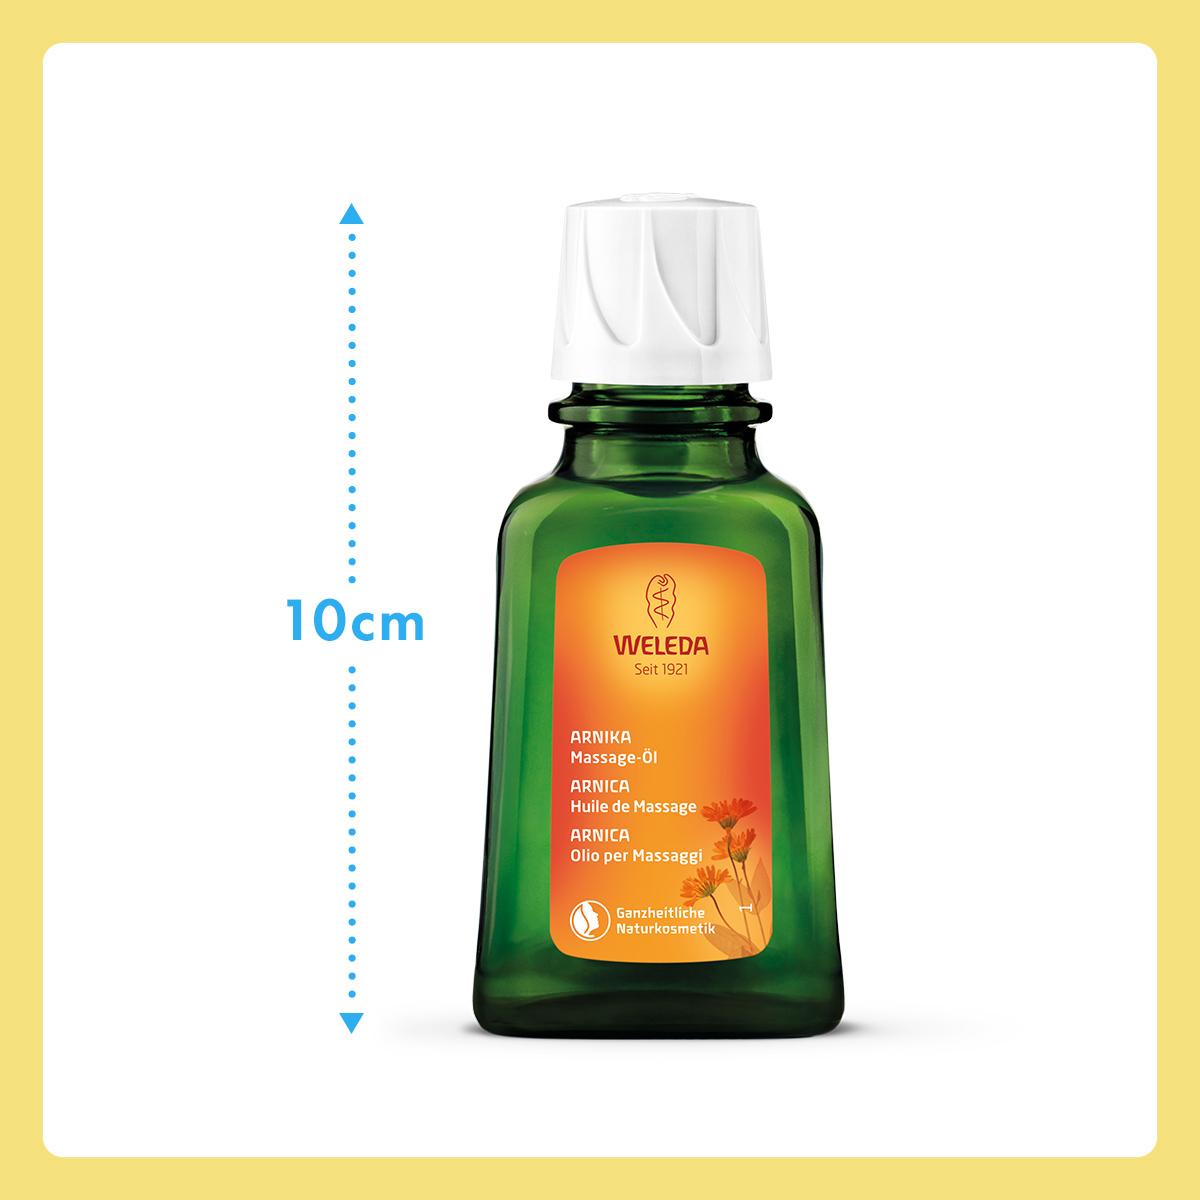 【10cm】夏のふっくら肌が叶うマッサージオイル